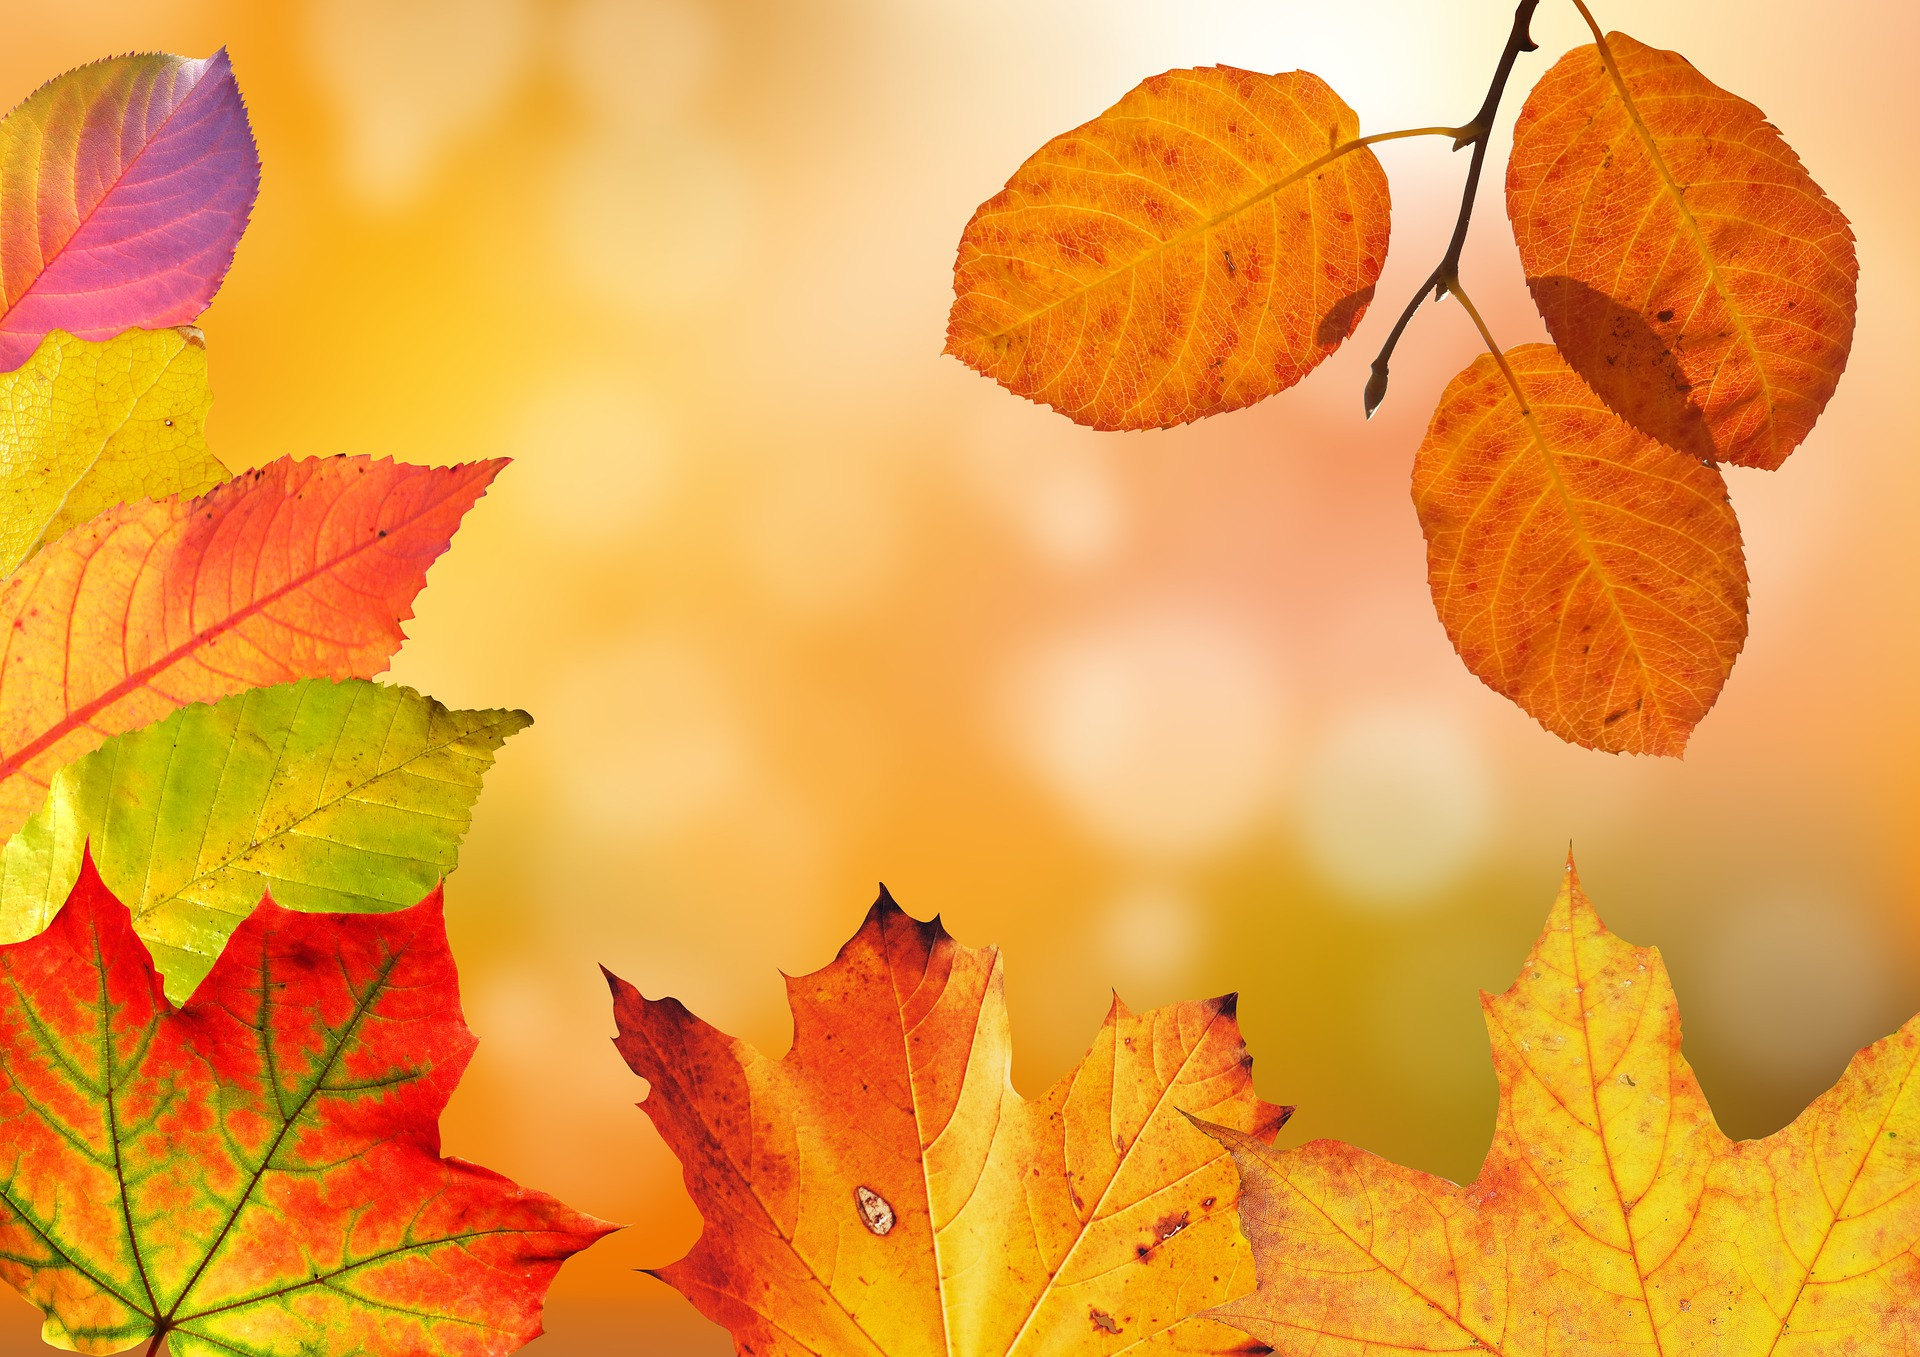 autumn-1649362_1920